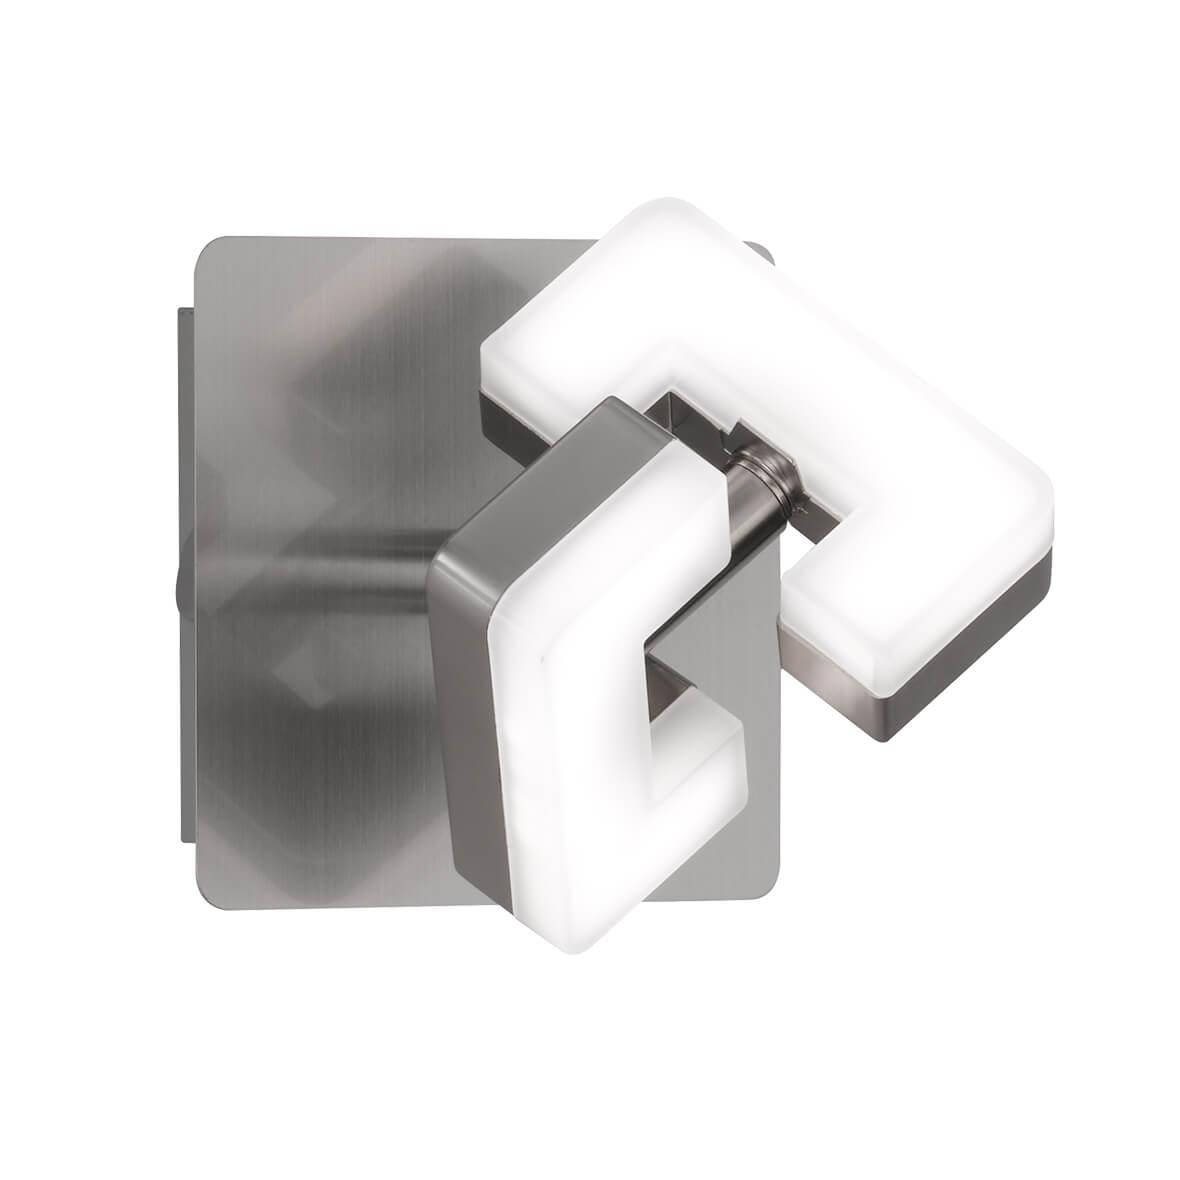 wofi-led-wandstrahler-spot-zara-1-flammig-metallisch-4026-01-64-5000